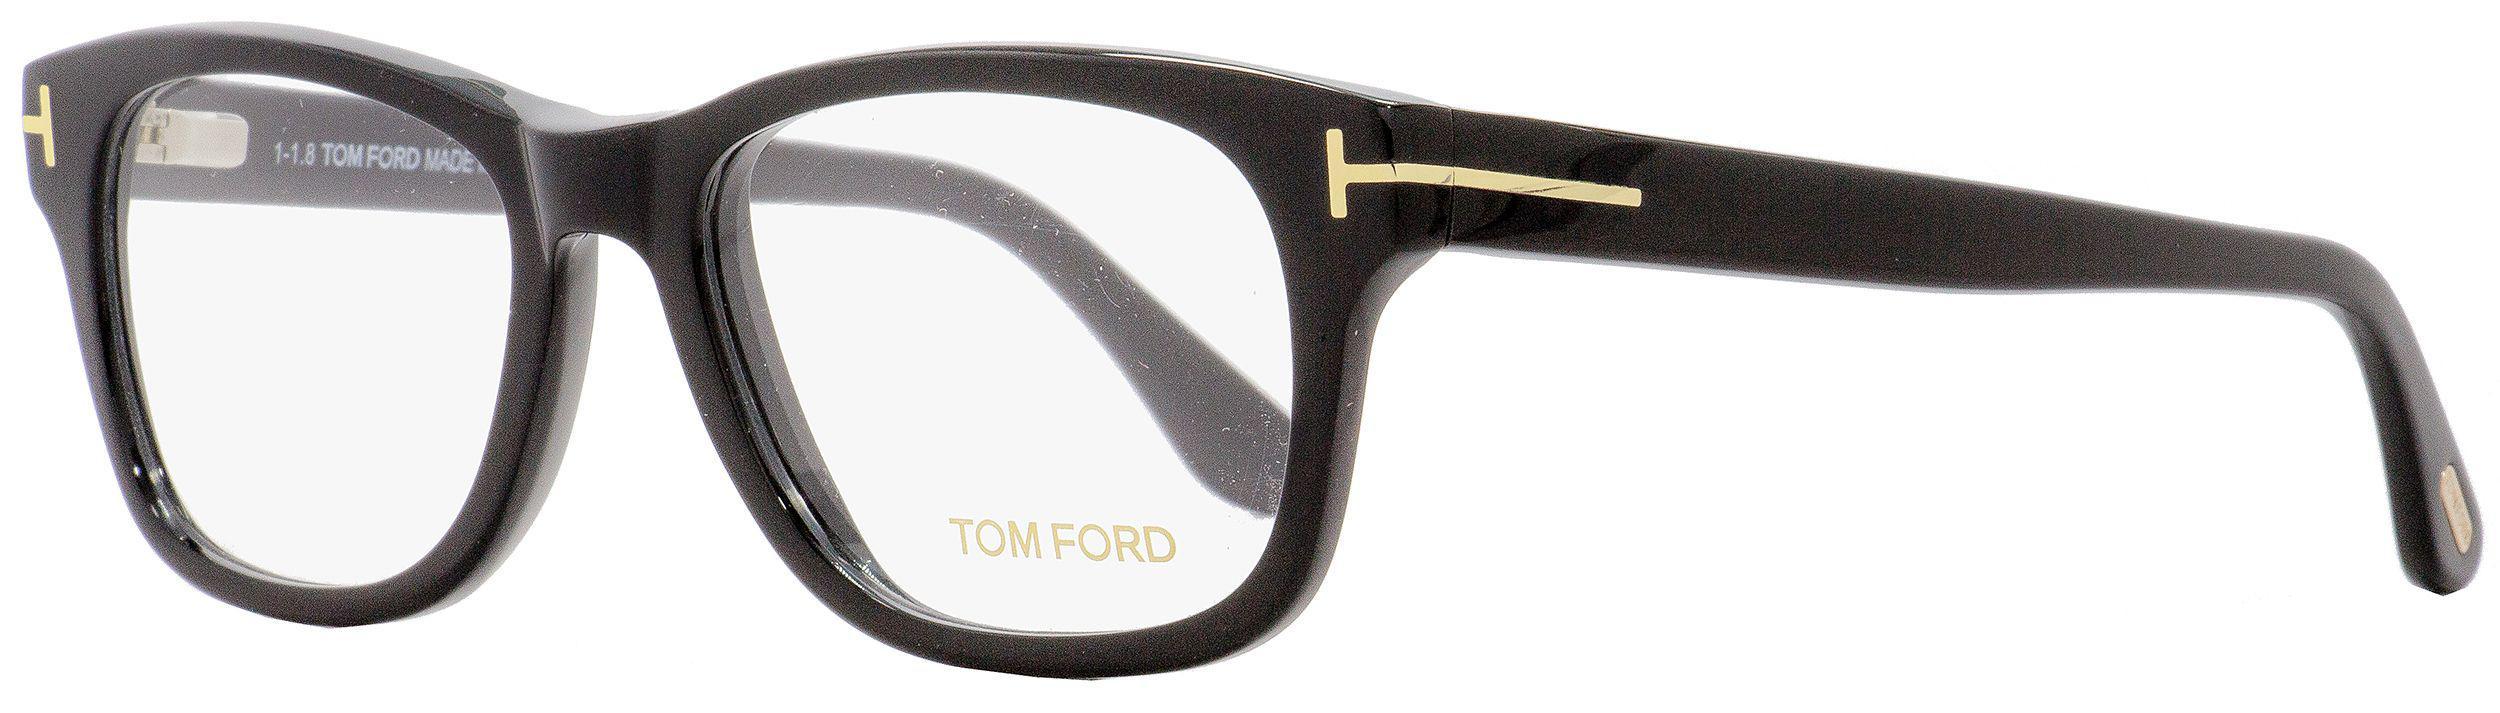 9be99b446eb07 Tom Ford - Rectangular Eyeglasses Tf5147 001 Shiny Black gold 52mm Ft5147  for Men -. View fullscreen